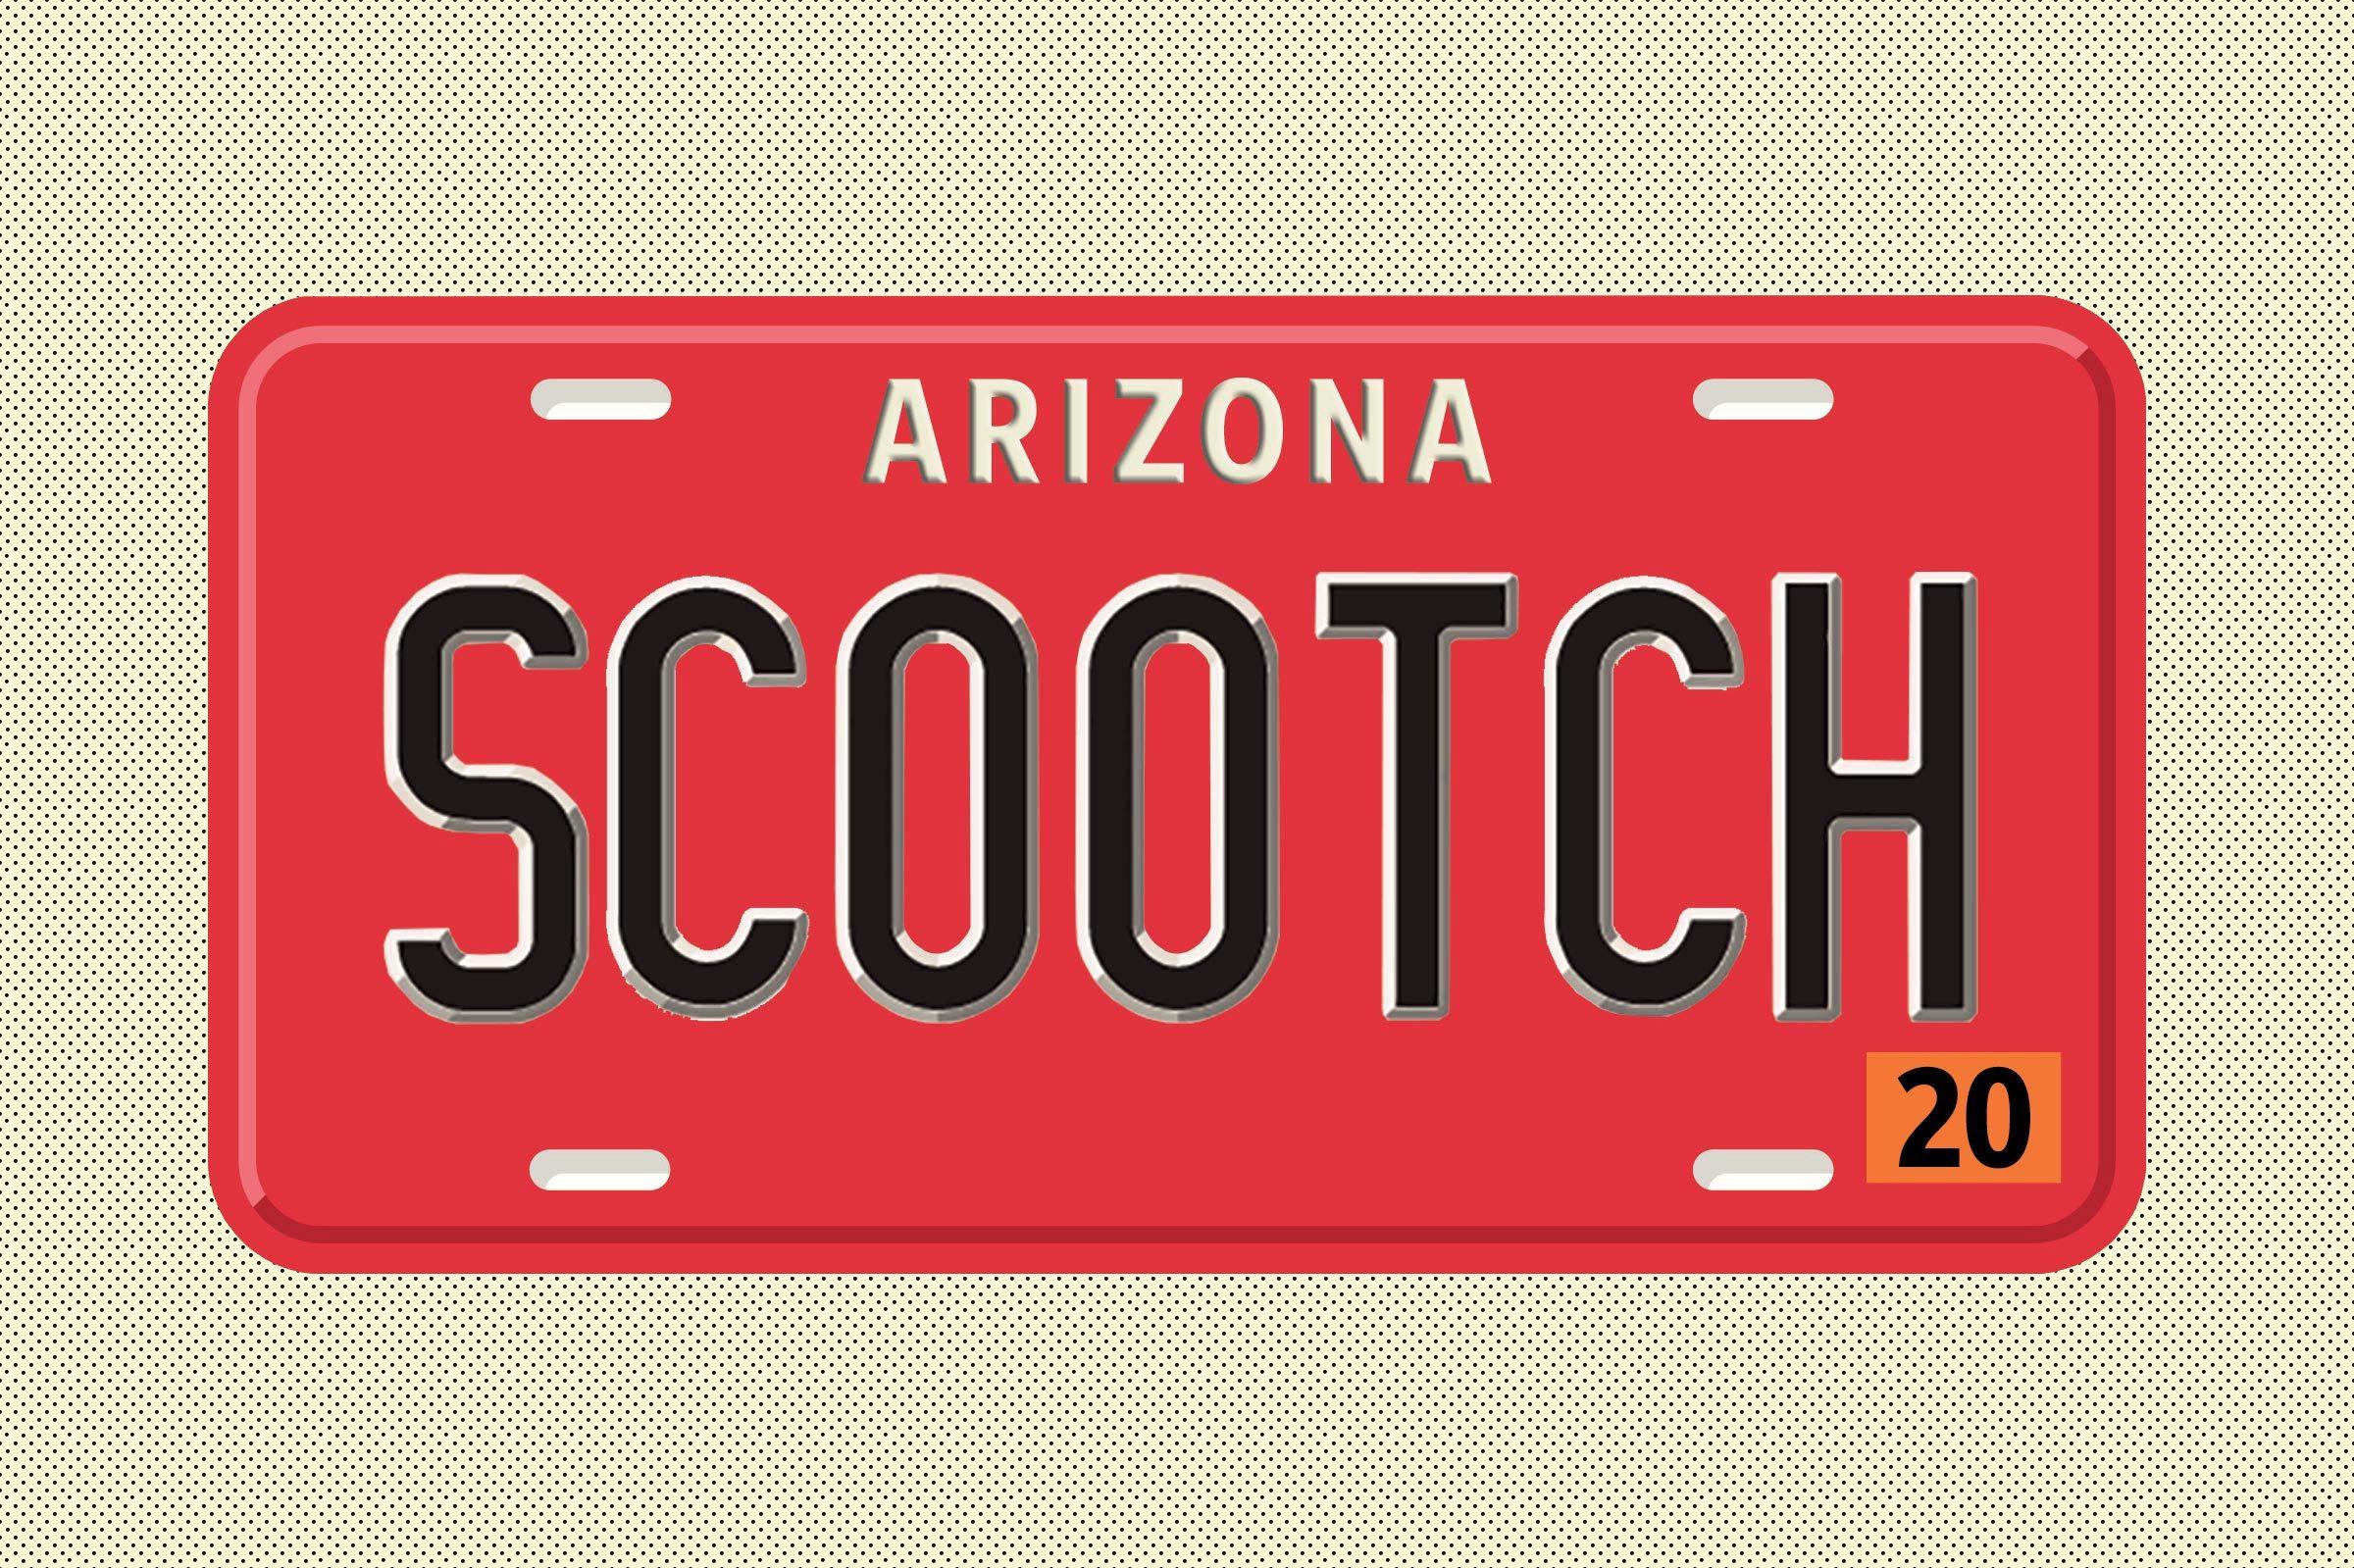 SCOOTCH